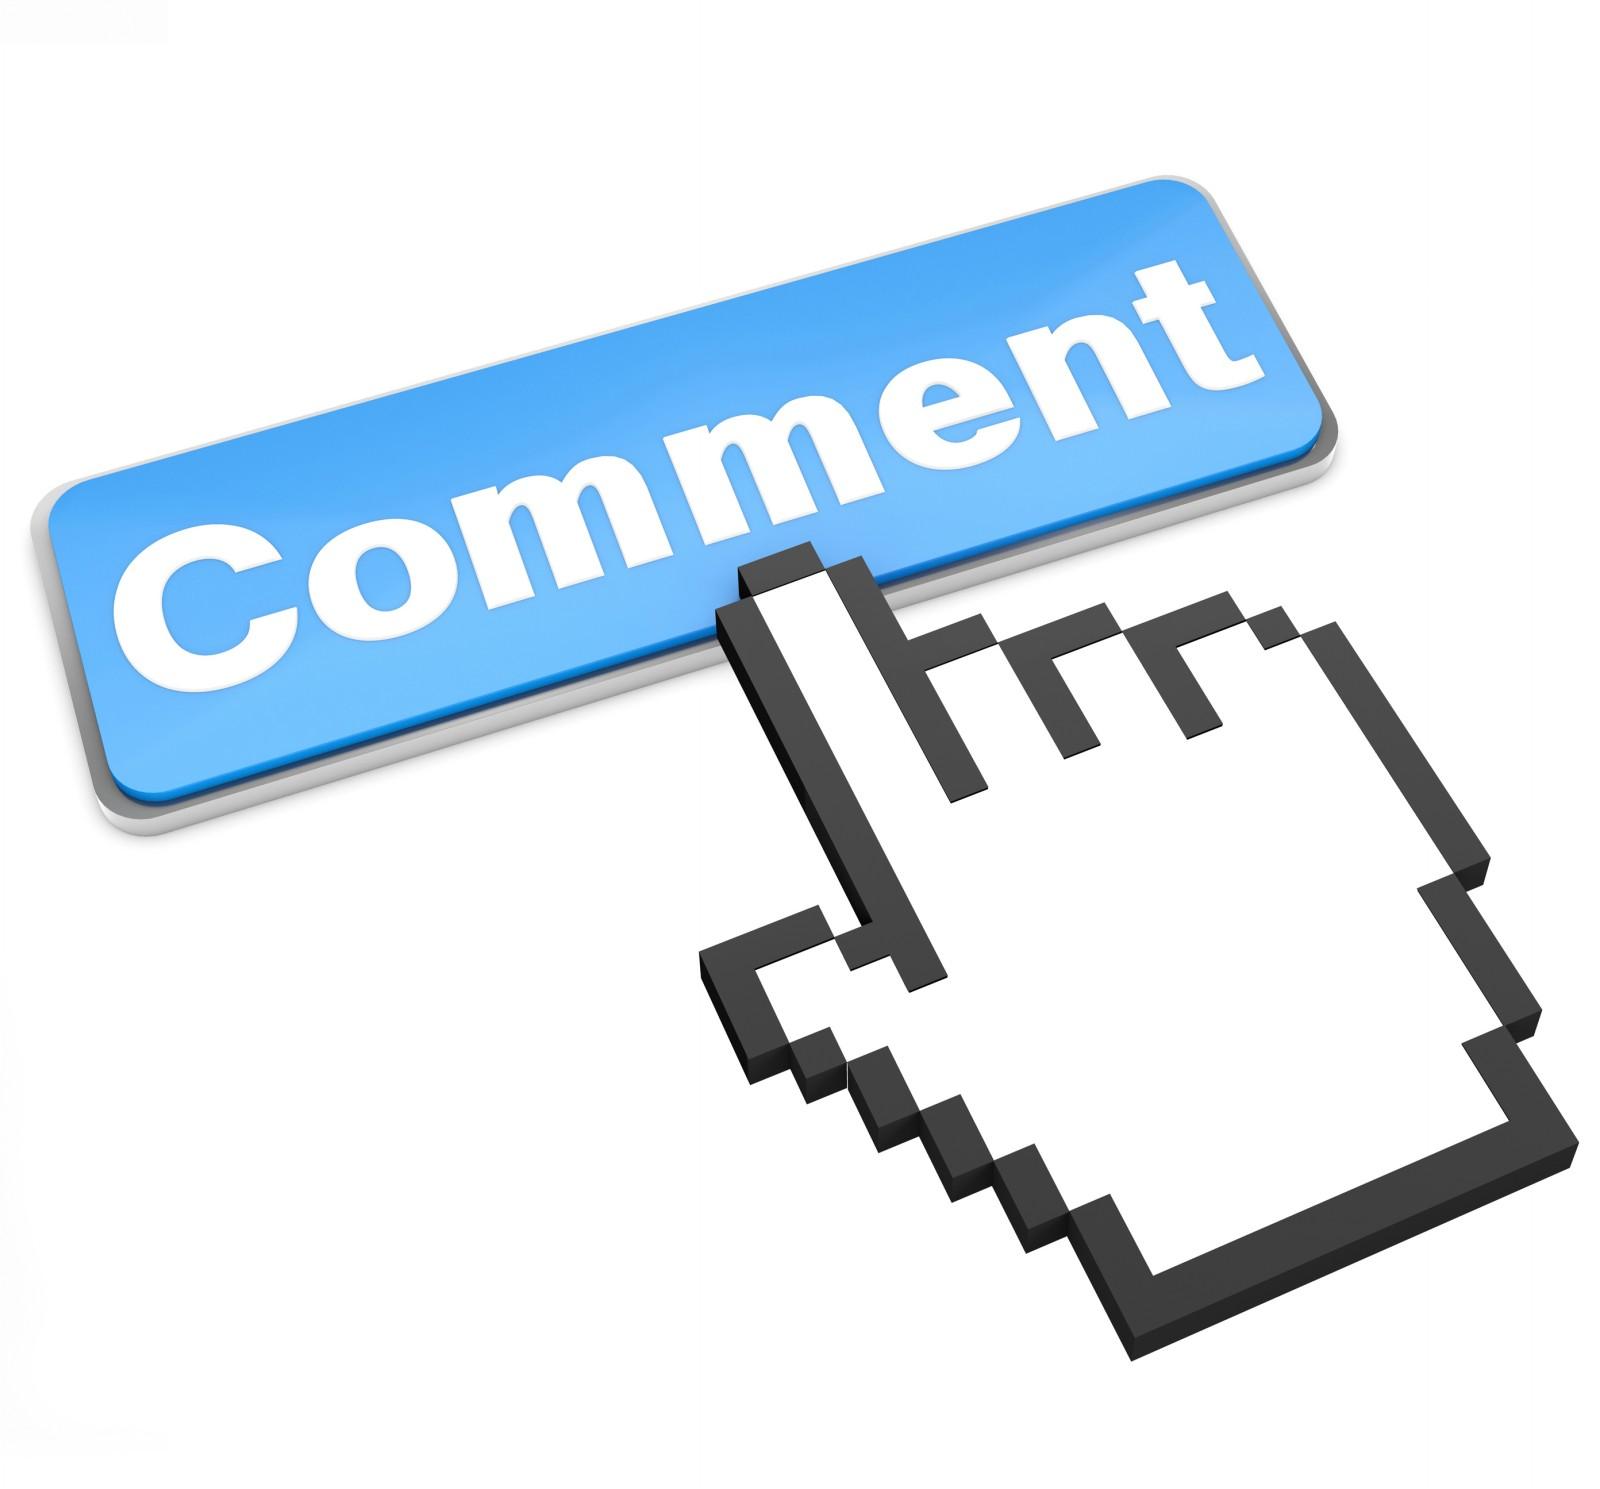 Bạn có thể gởi góp ý đến kênh Facebook để báo cáo trạng thái mình đang gặp phải. Bộ máy chào đón thông tin sẽ tiến hành cân nhắc và giúp đỡ khắc phục. Phương thức này đôi khi tốn thời gian vì phòng ban hỗ trợ phải đón nhận rất nhiều yêu cầu từ phía người sử dụng.